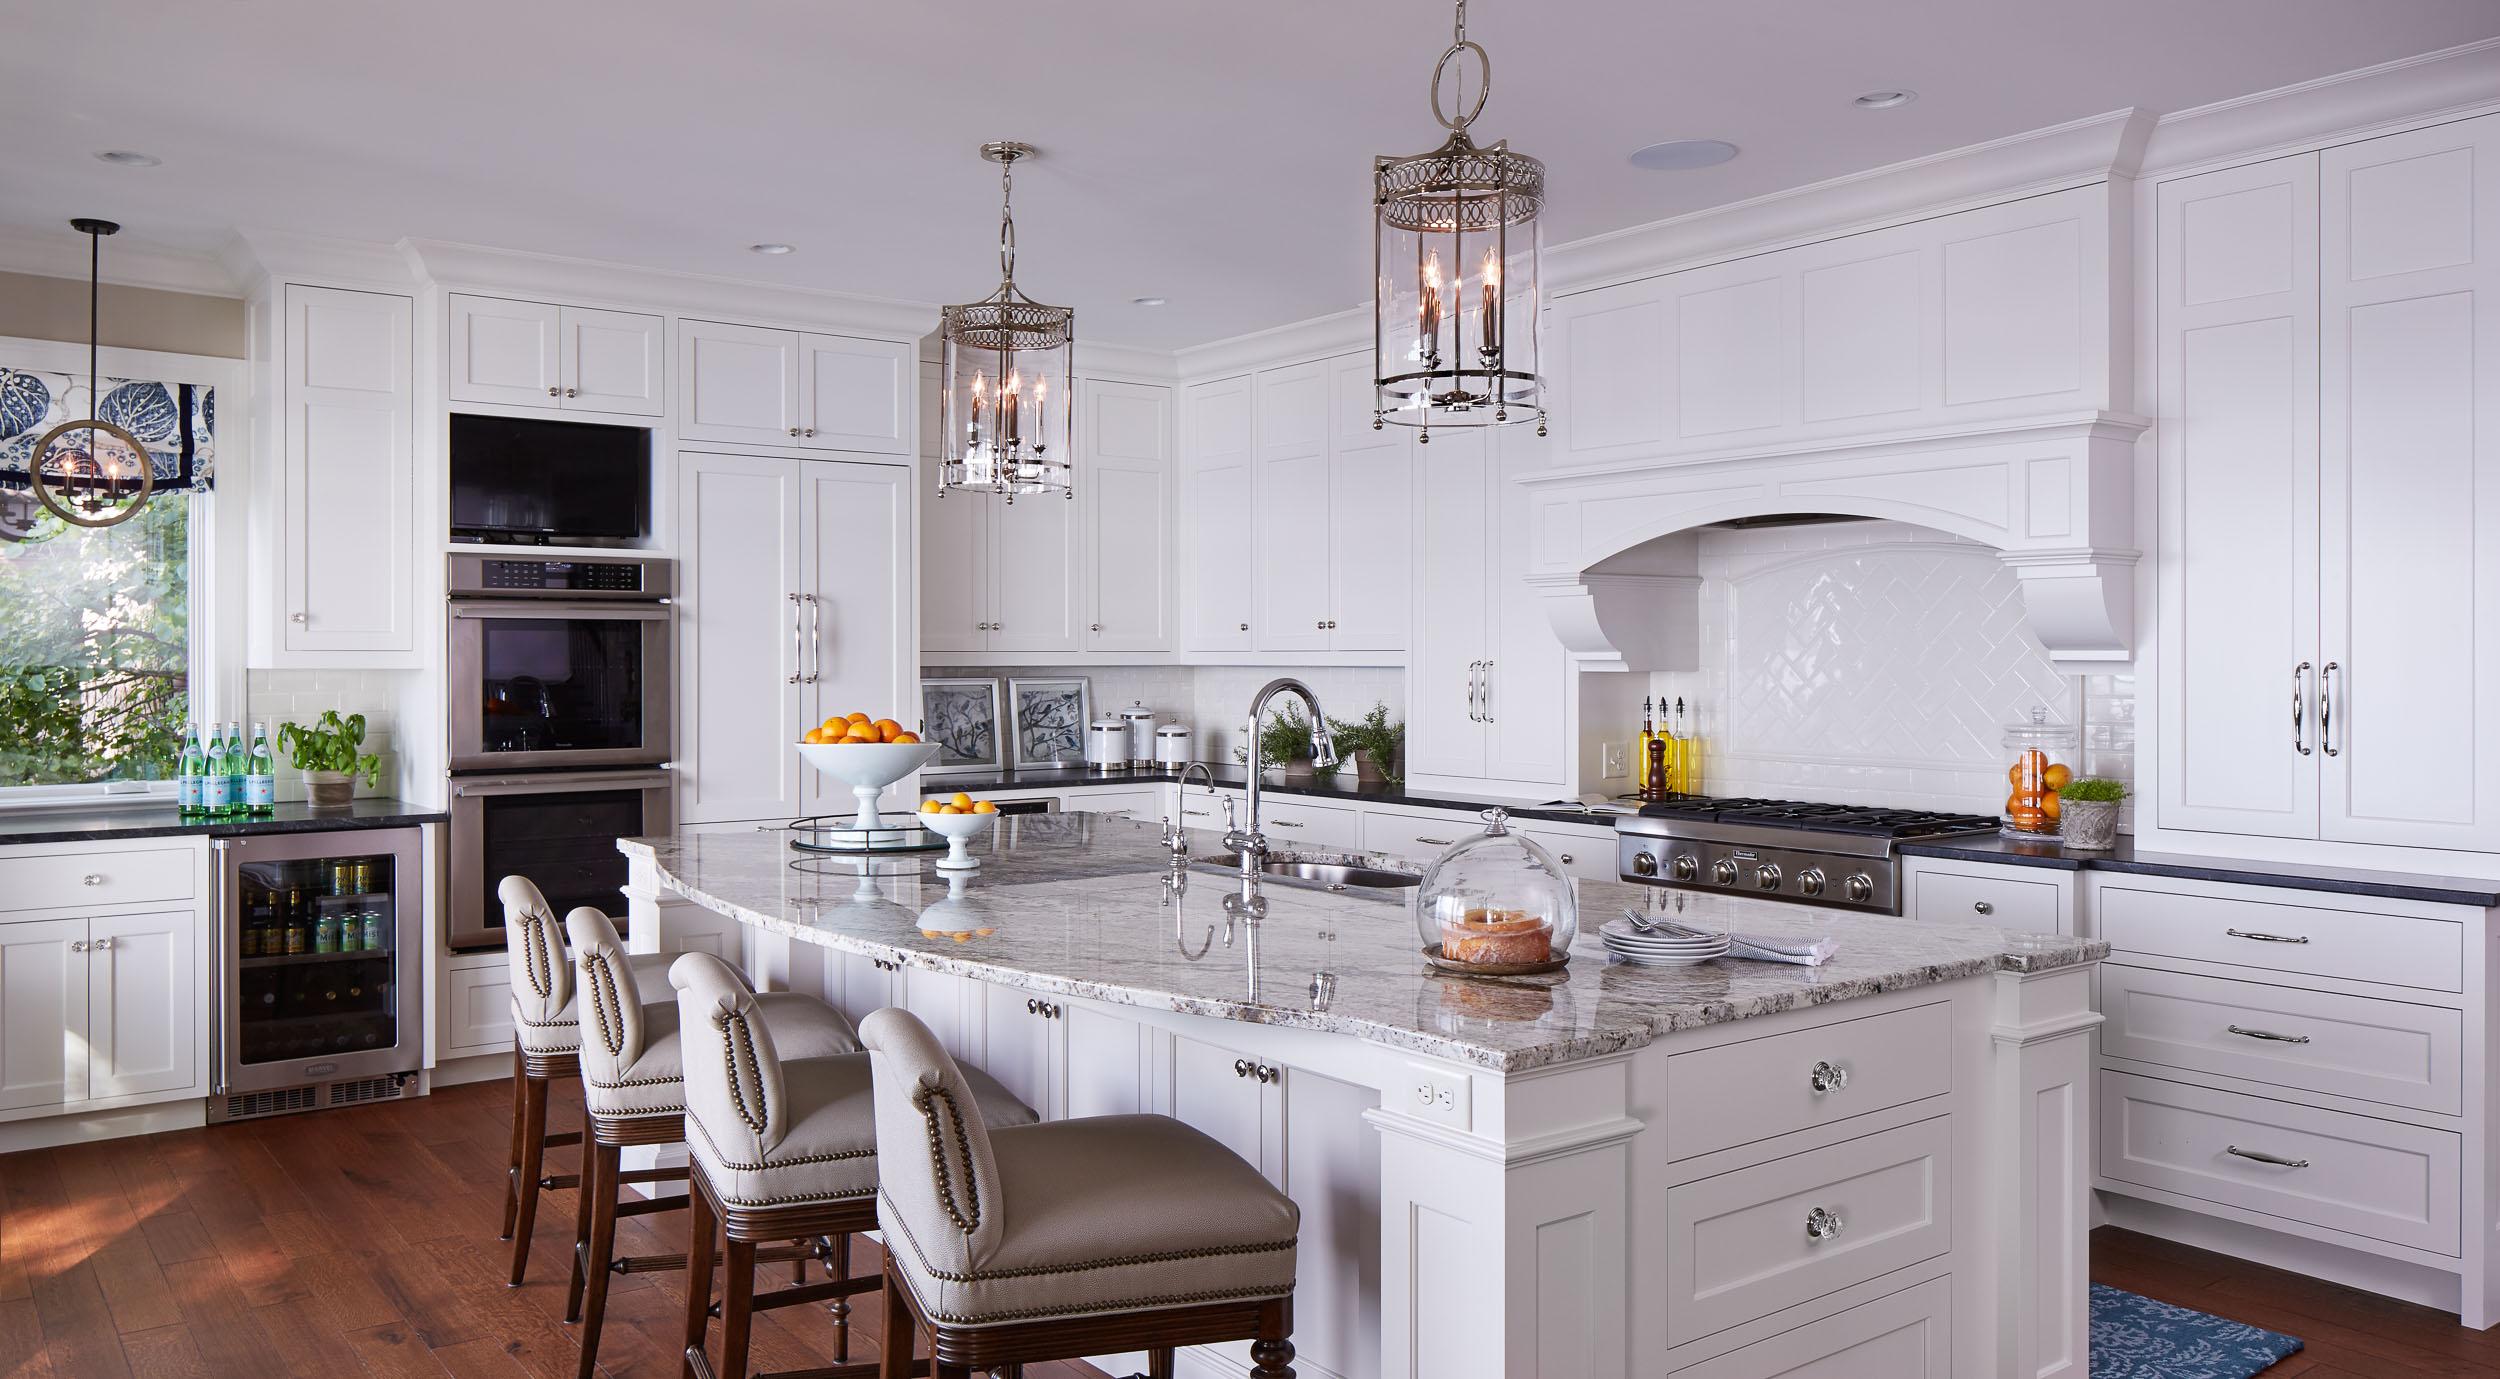 Lakeside Cottage Kitchen Image